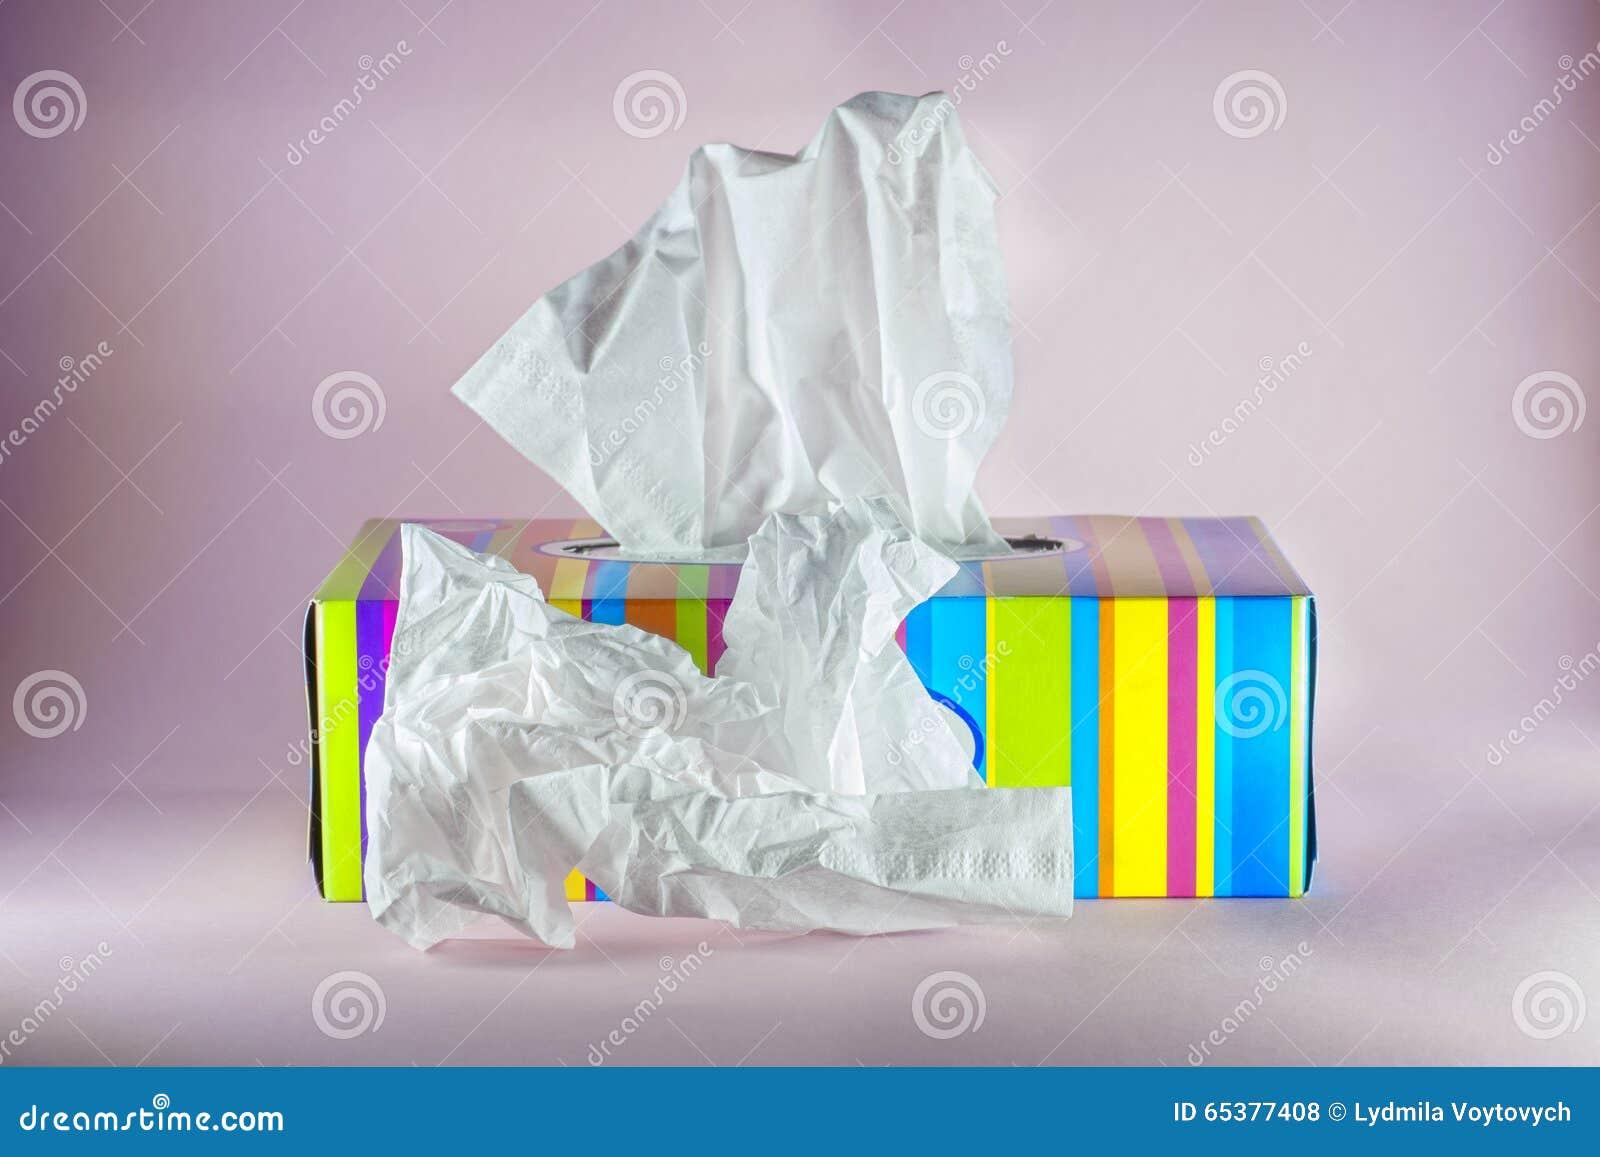 Hygienisches Abwischen im Papierfarbenkasten